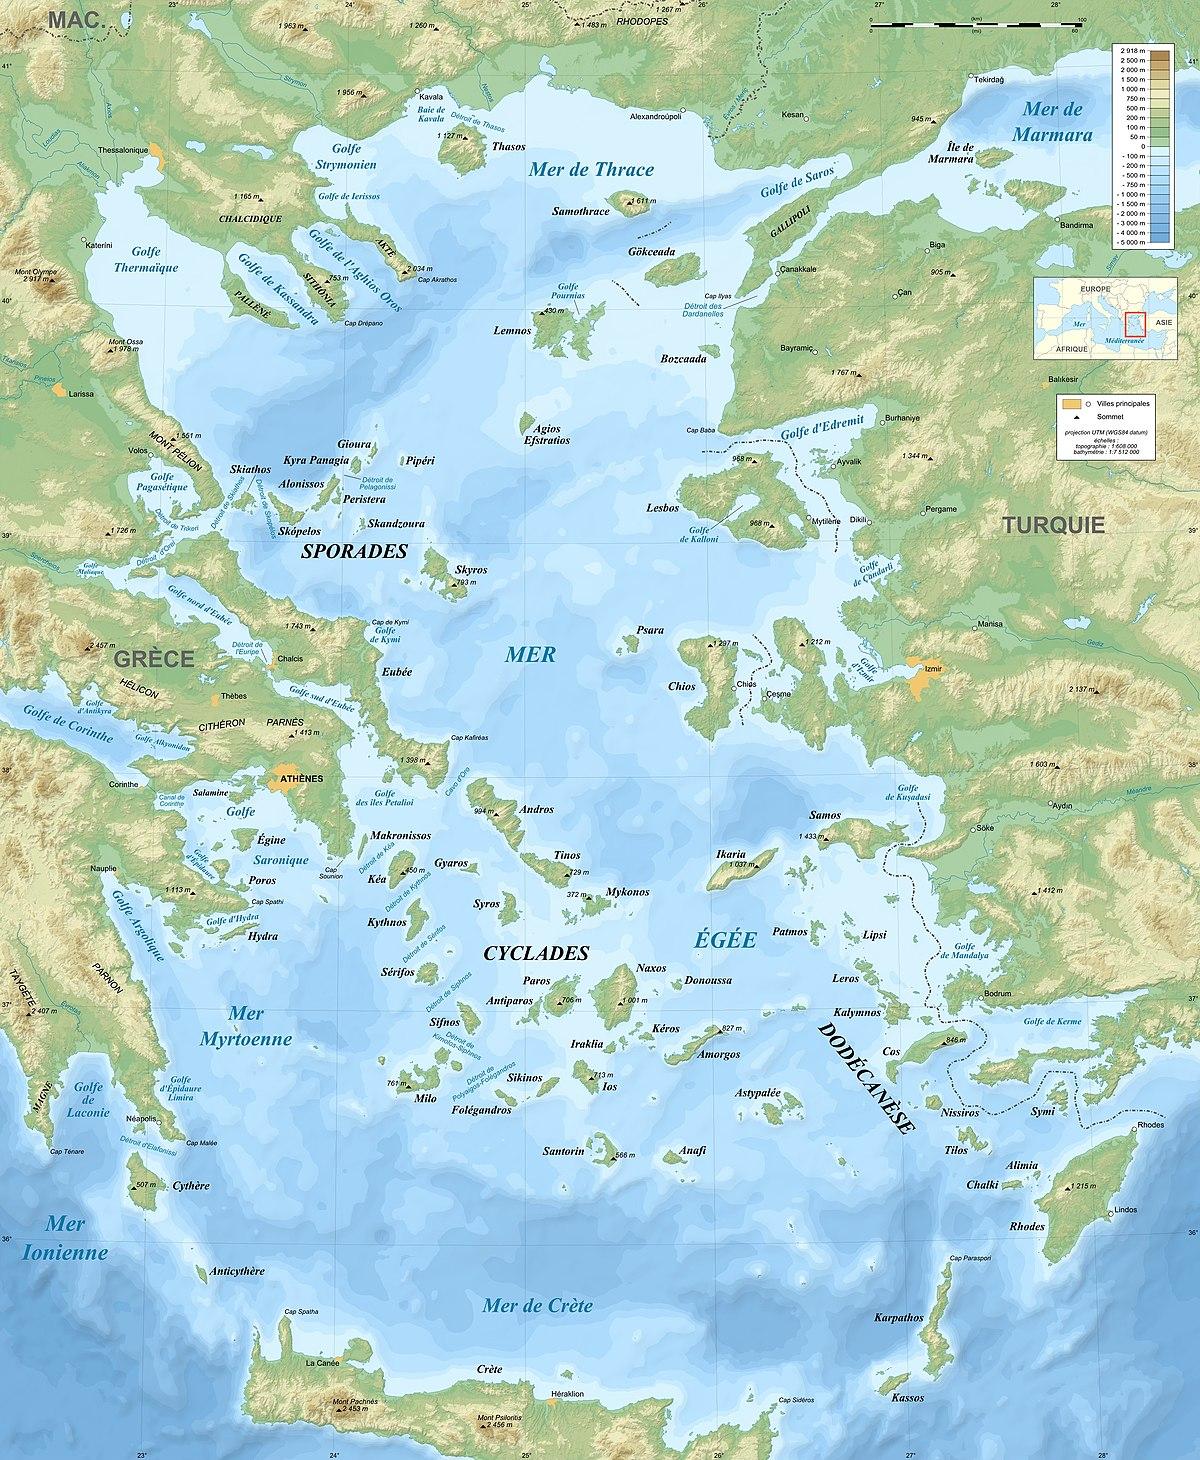 Marea Cretei Wikipedia